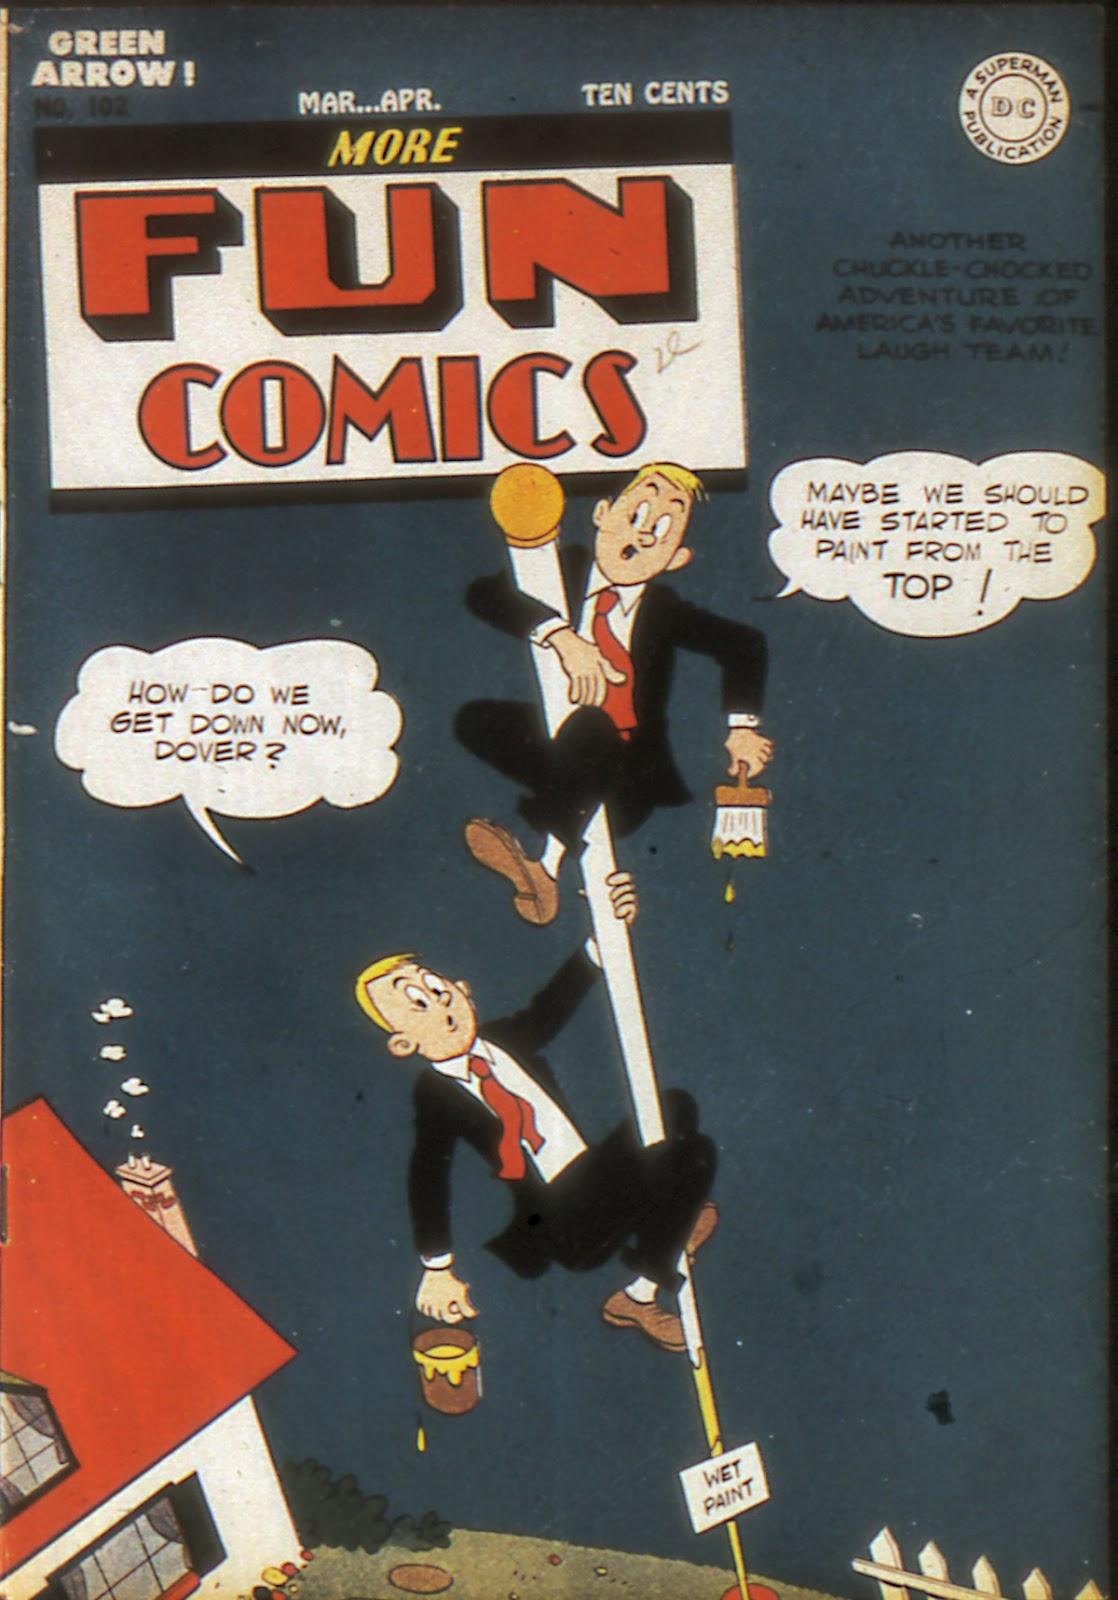 More Fun Comics 102 Page 1